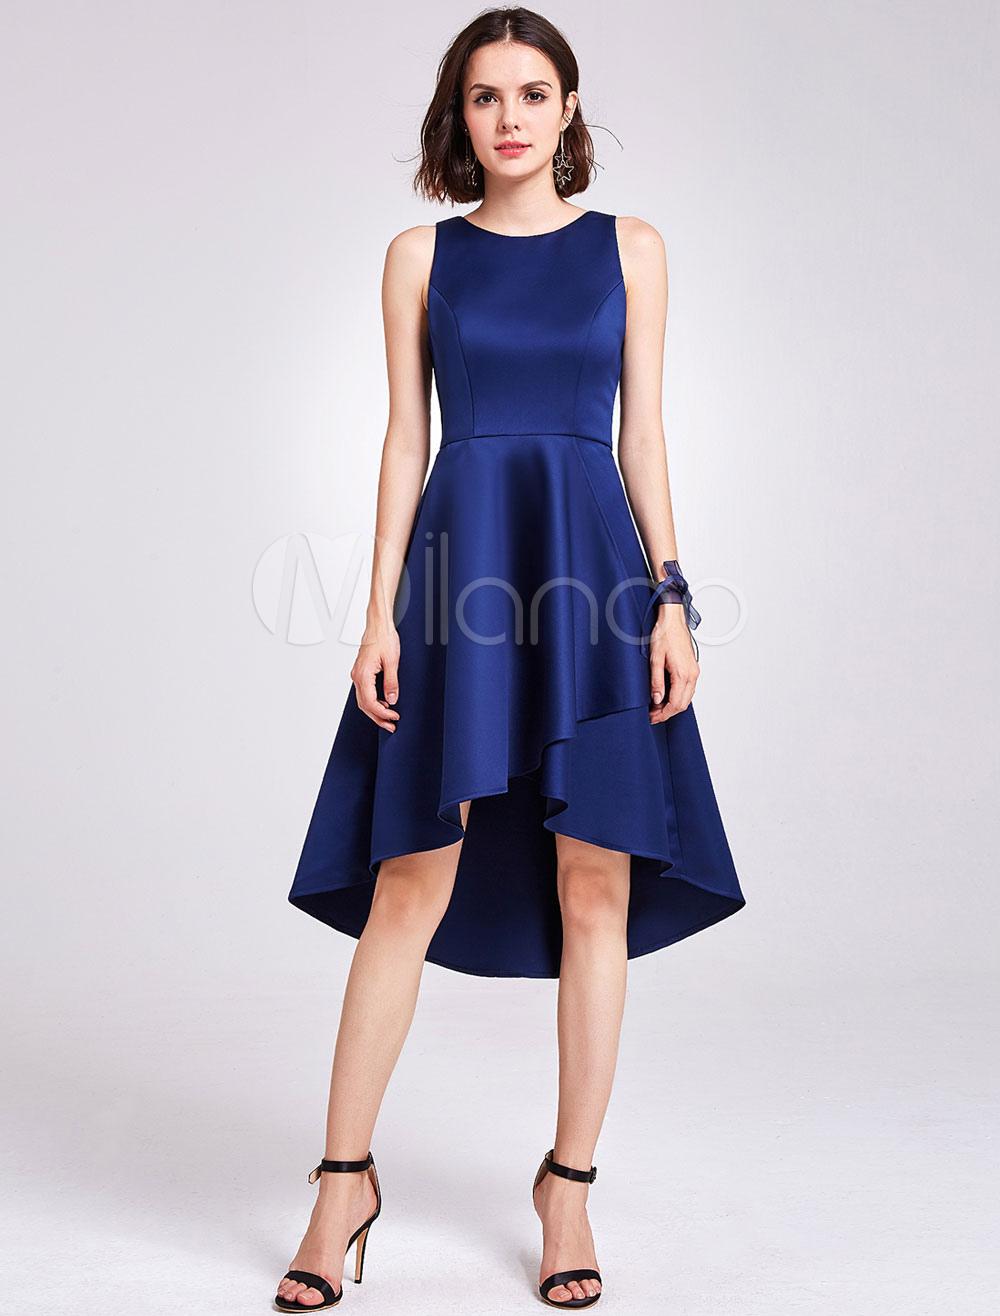 f7d16e82729e bridesmaid Dress 2019, Navy Blue bridesmaid Dress,Short bridesmaid dress, long  bridesmaid dress, | Milanoo.com